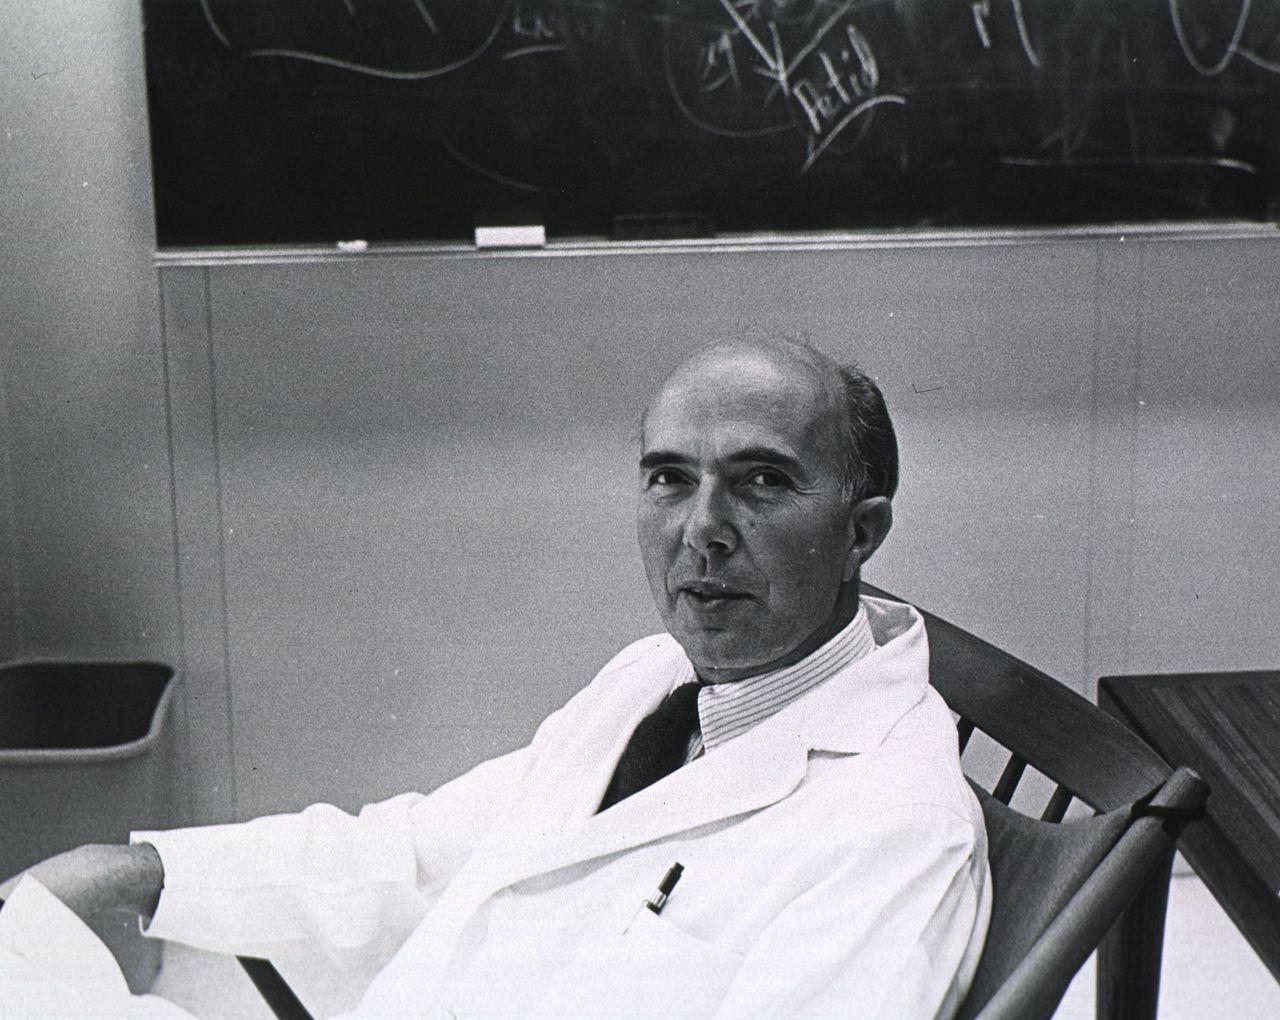 Morto Renato Dulbecco, il premio Nobel della Medicina